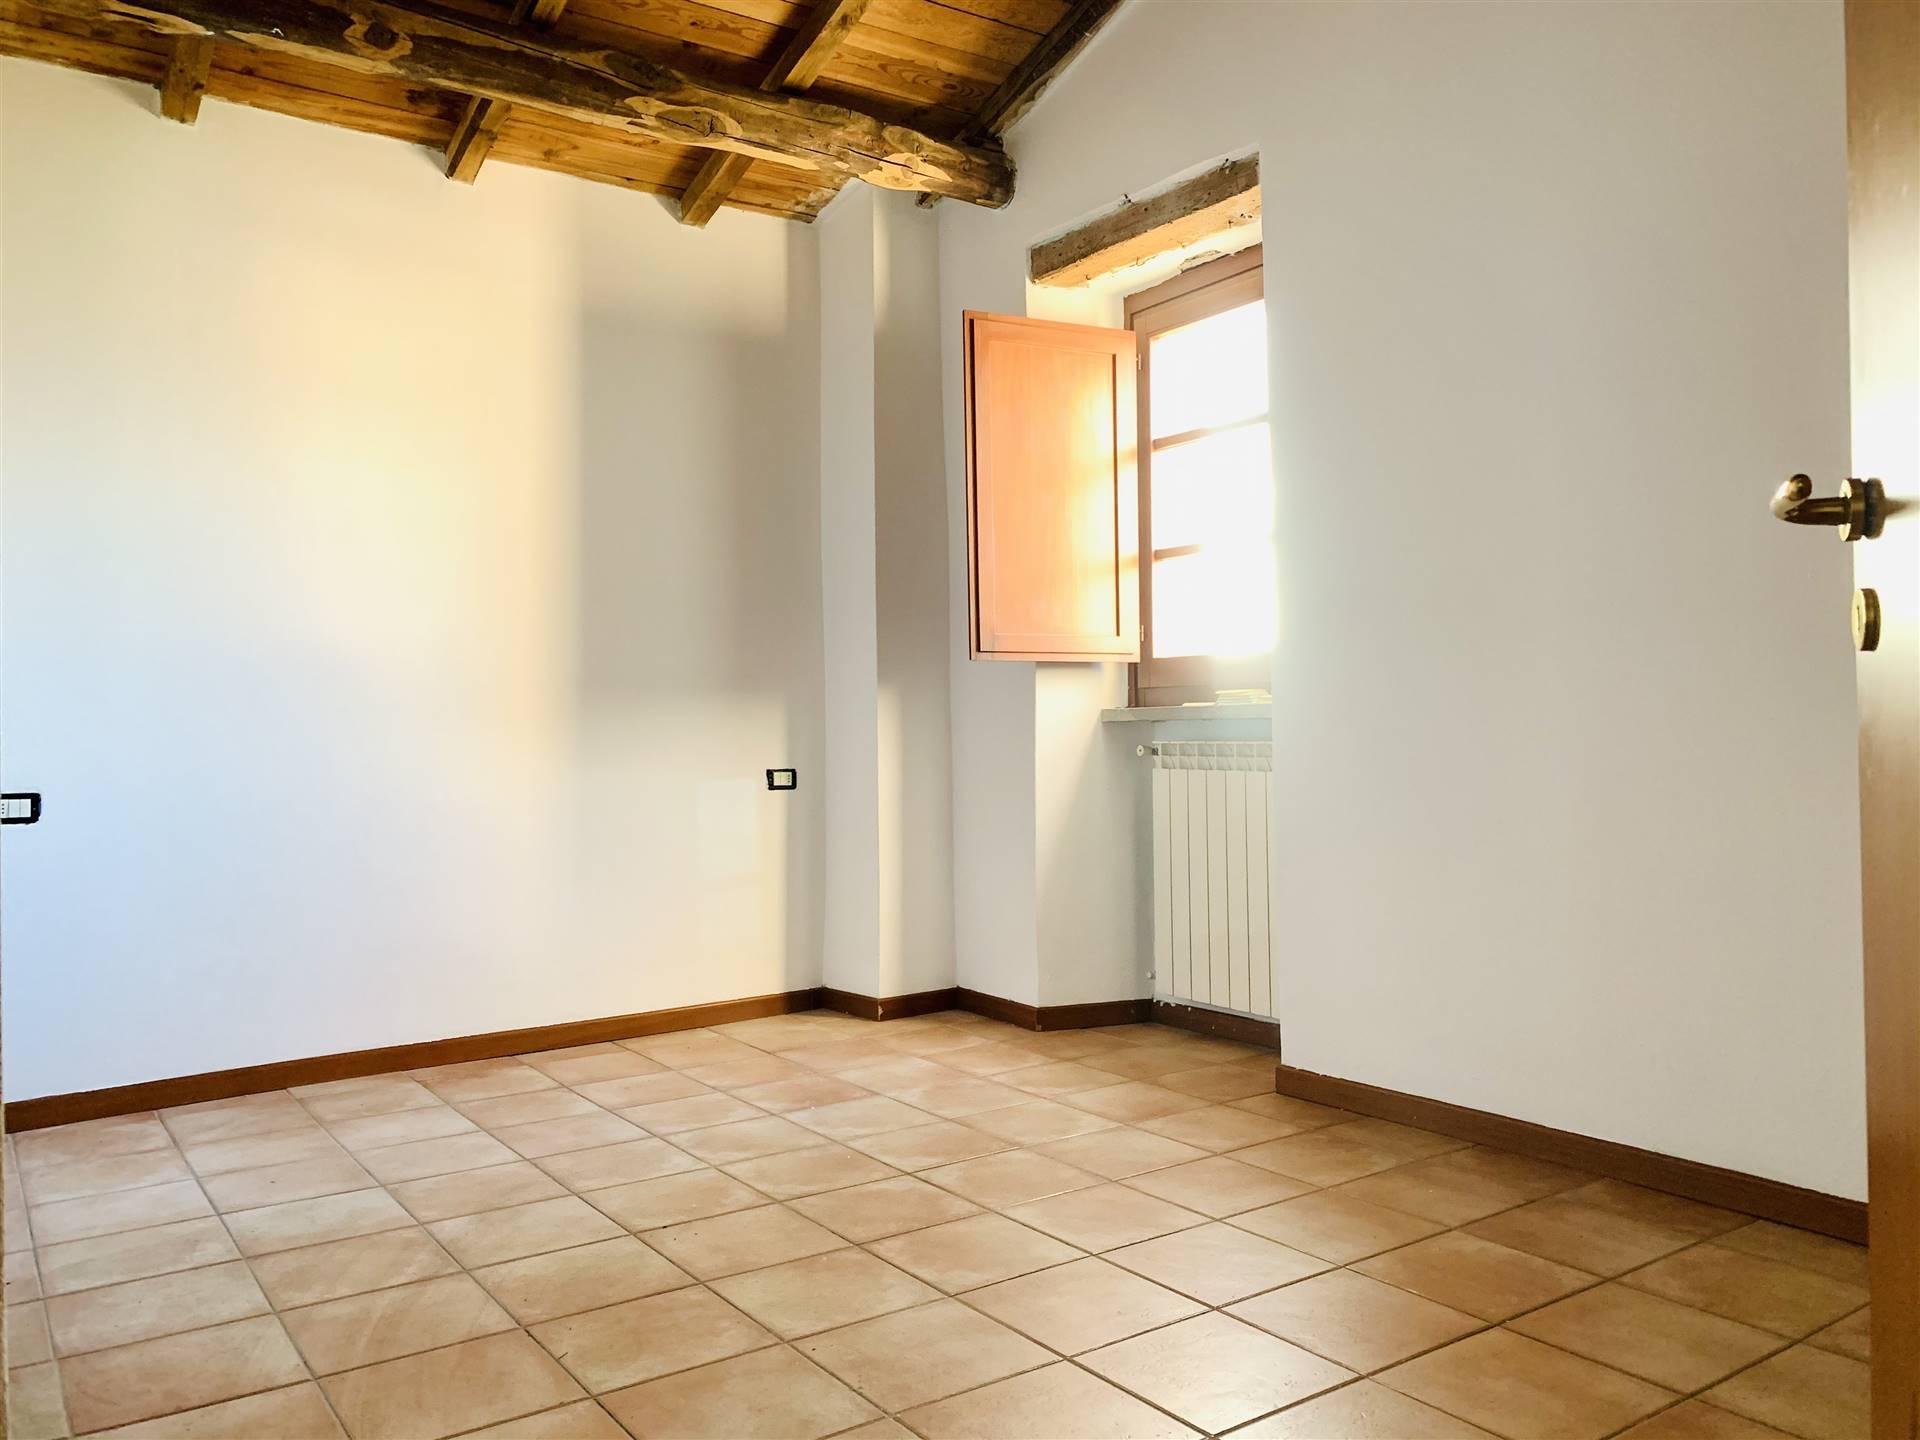 Appartamento in Vendita a San Giustino: 3 locali, 80 mq